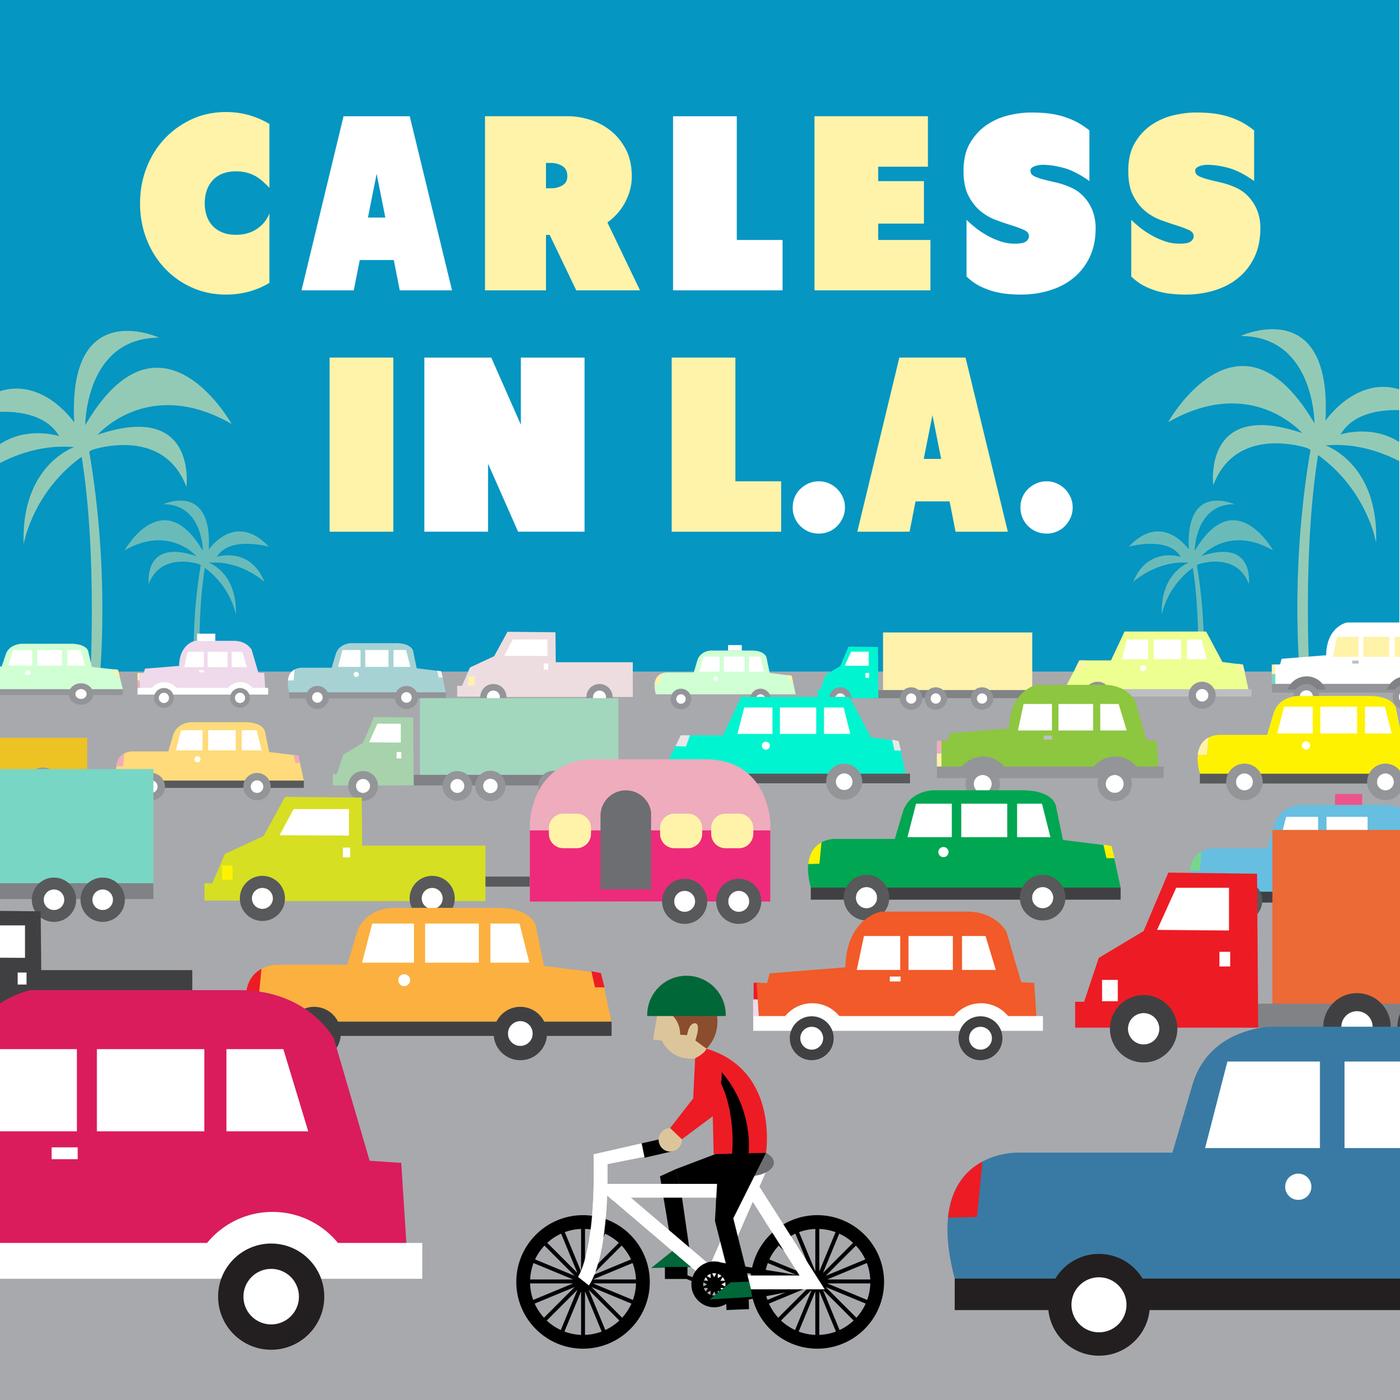 Carless in LA